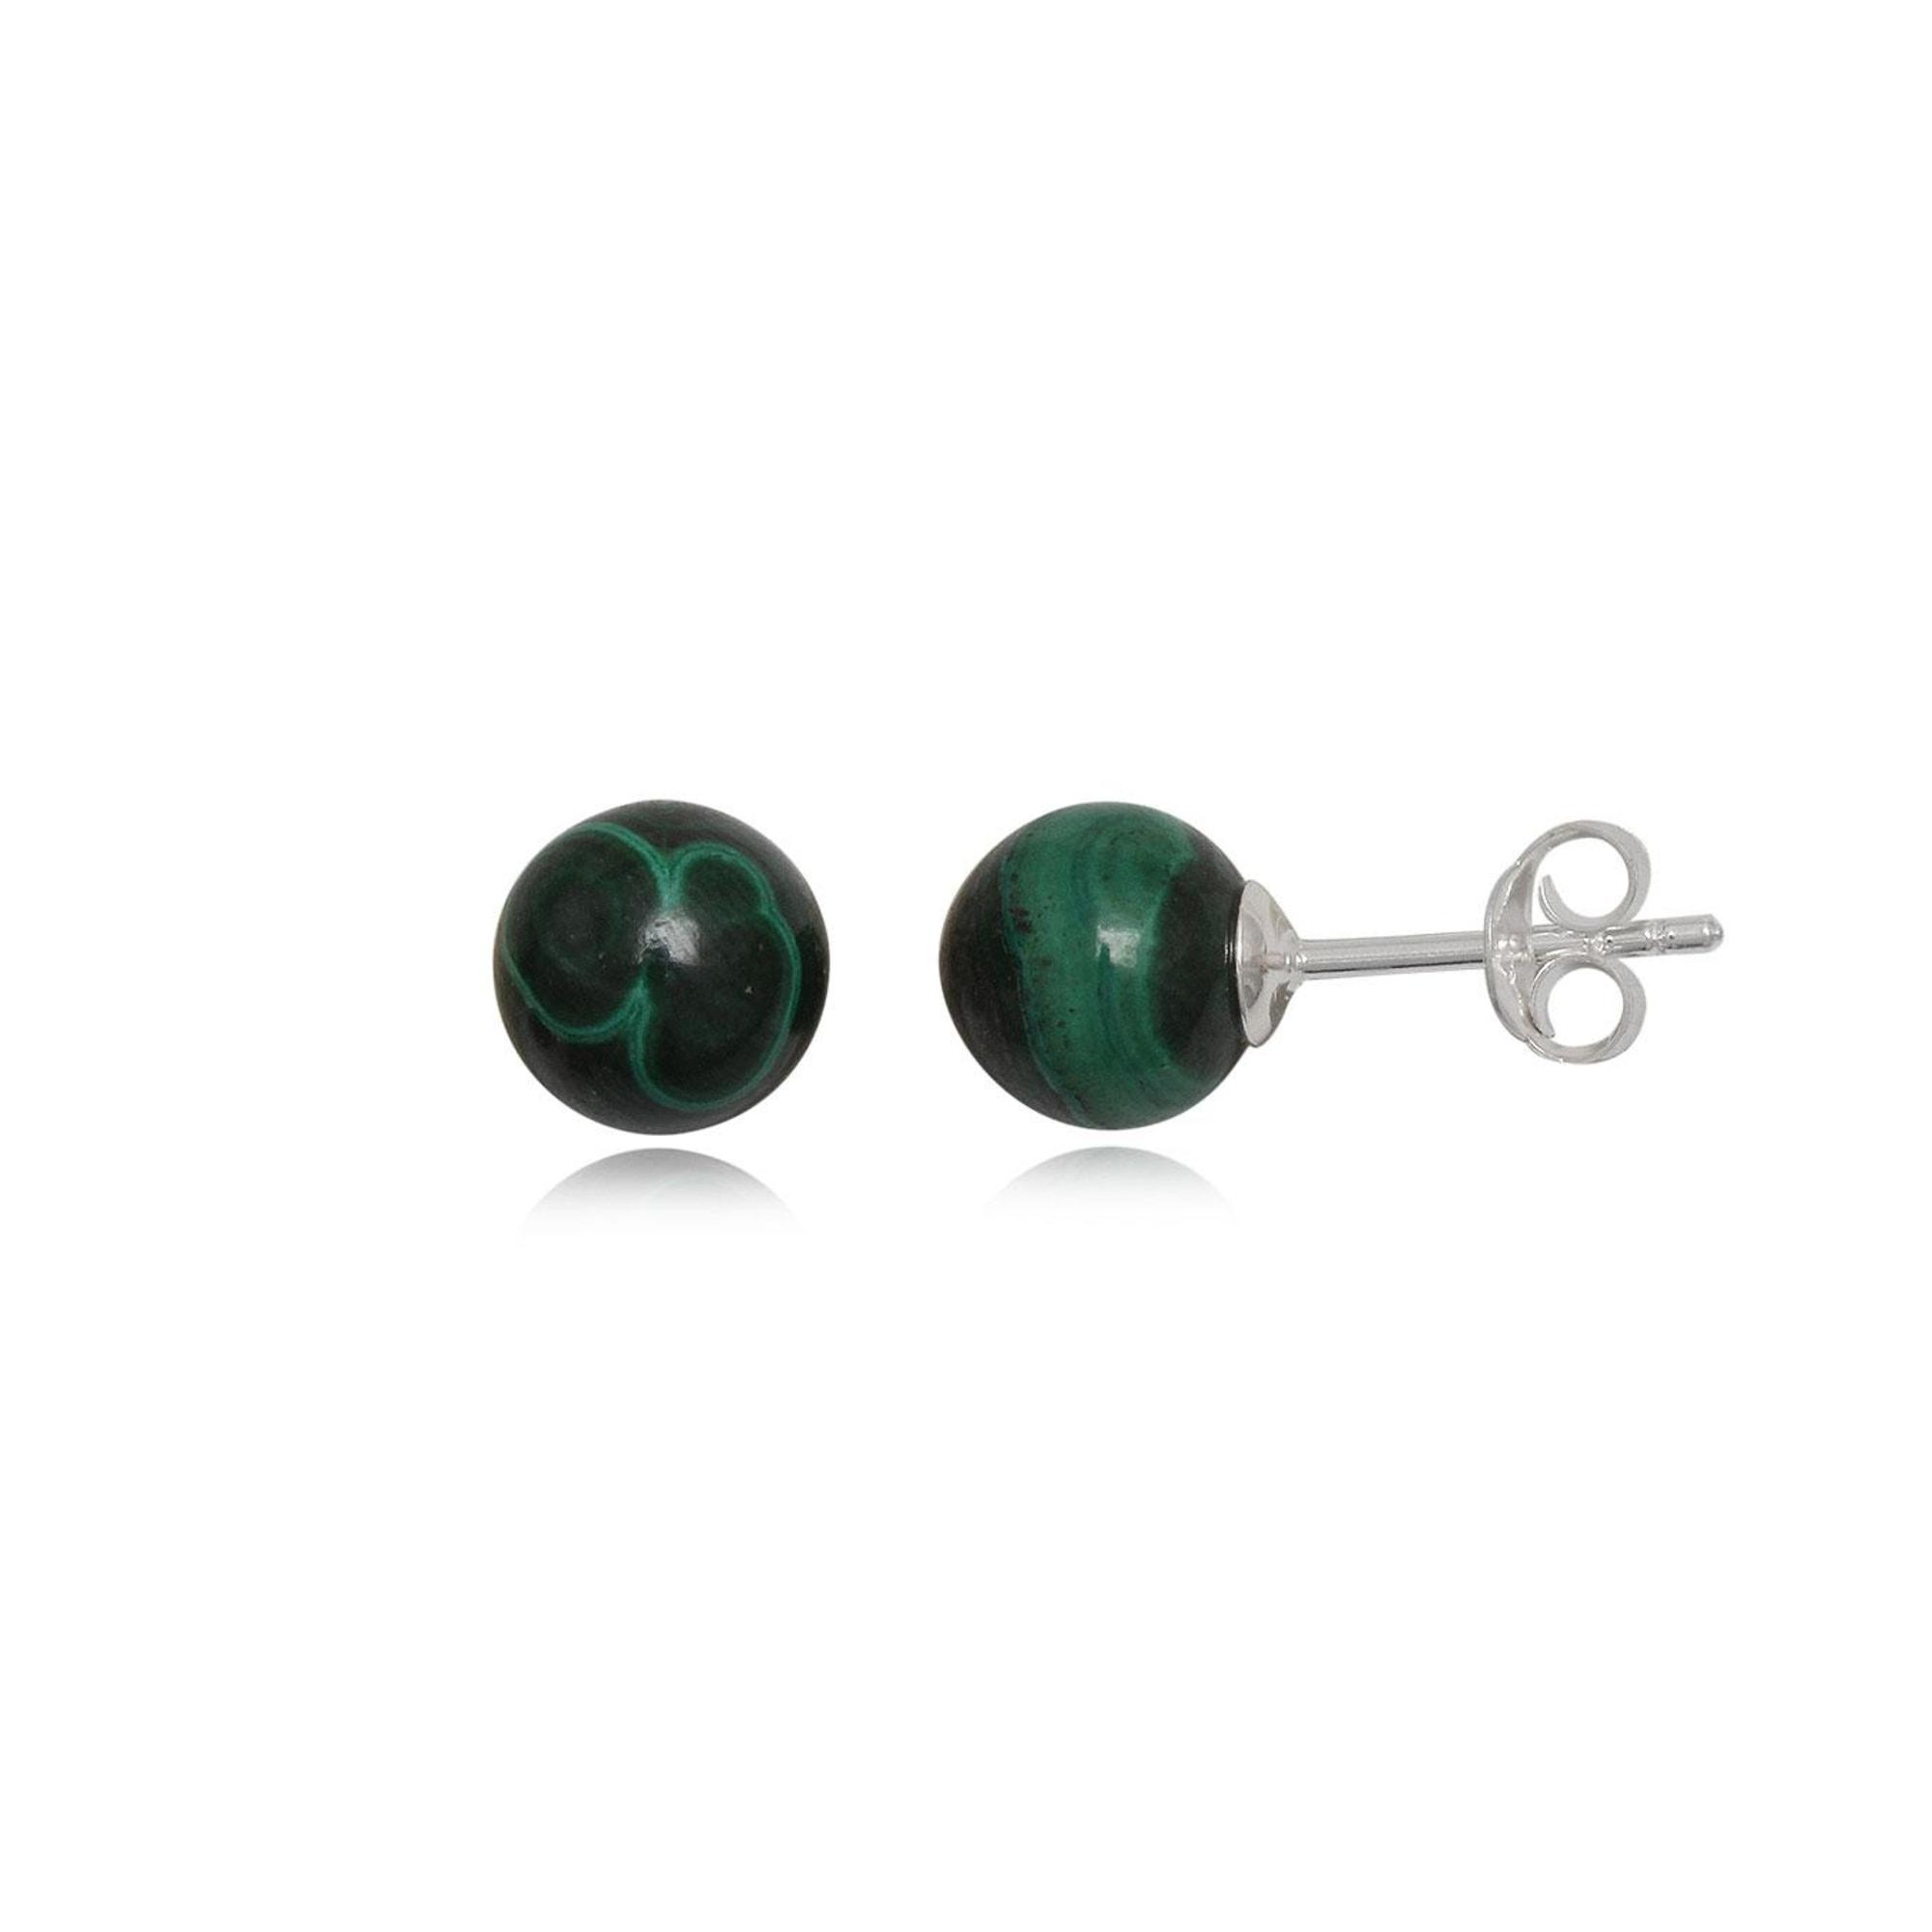 Boucles d'oreille BIJOUCOLOR argent vert